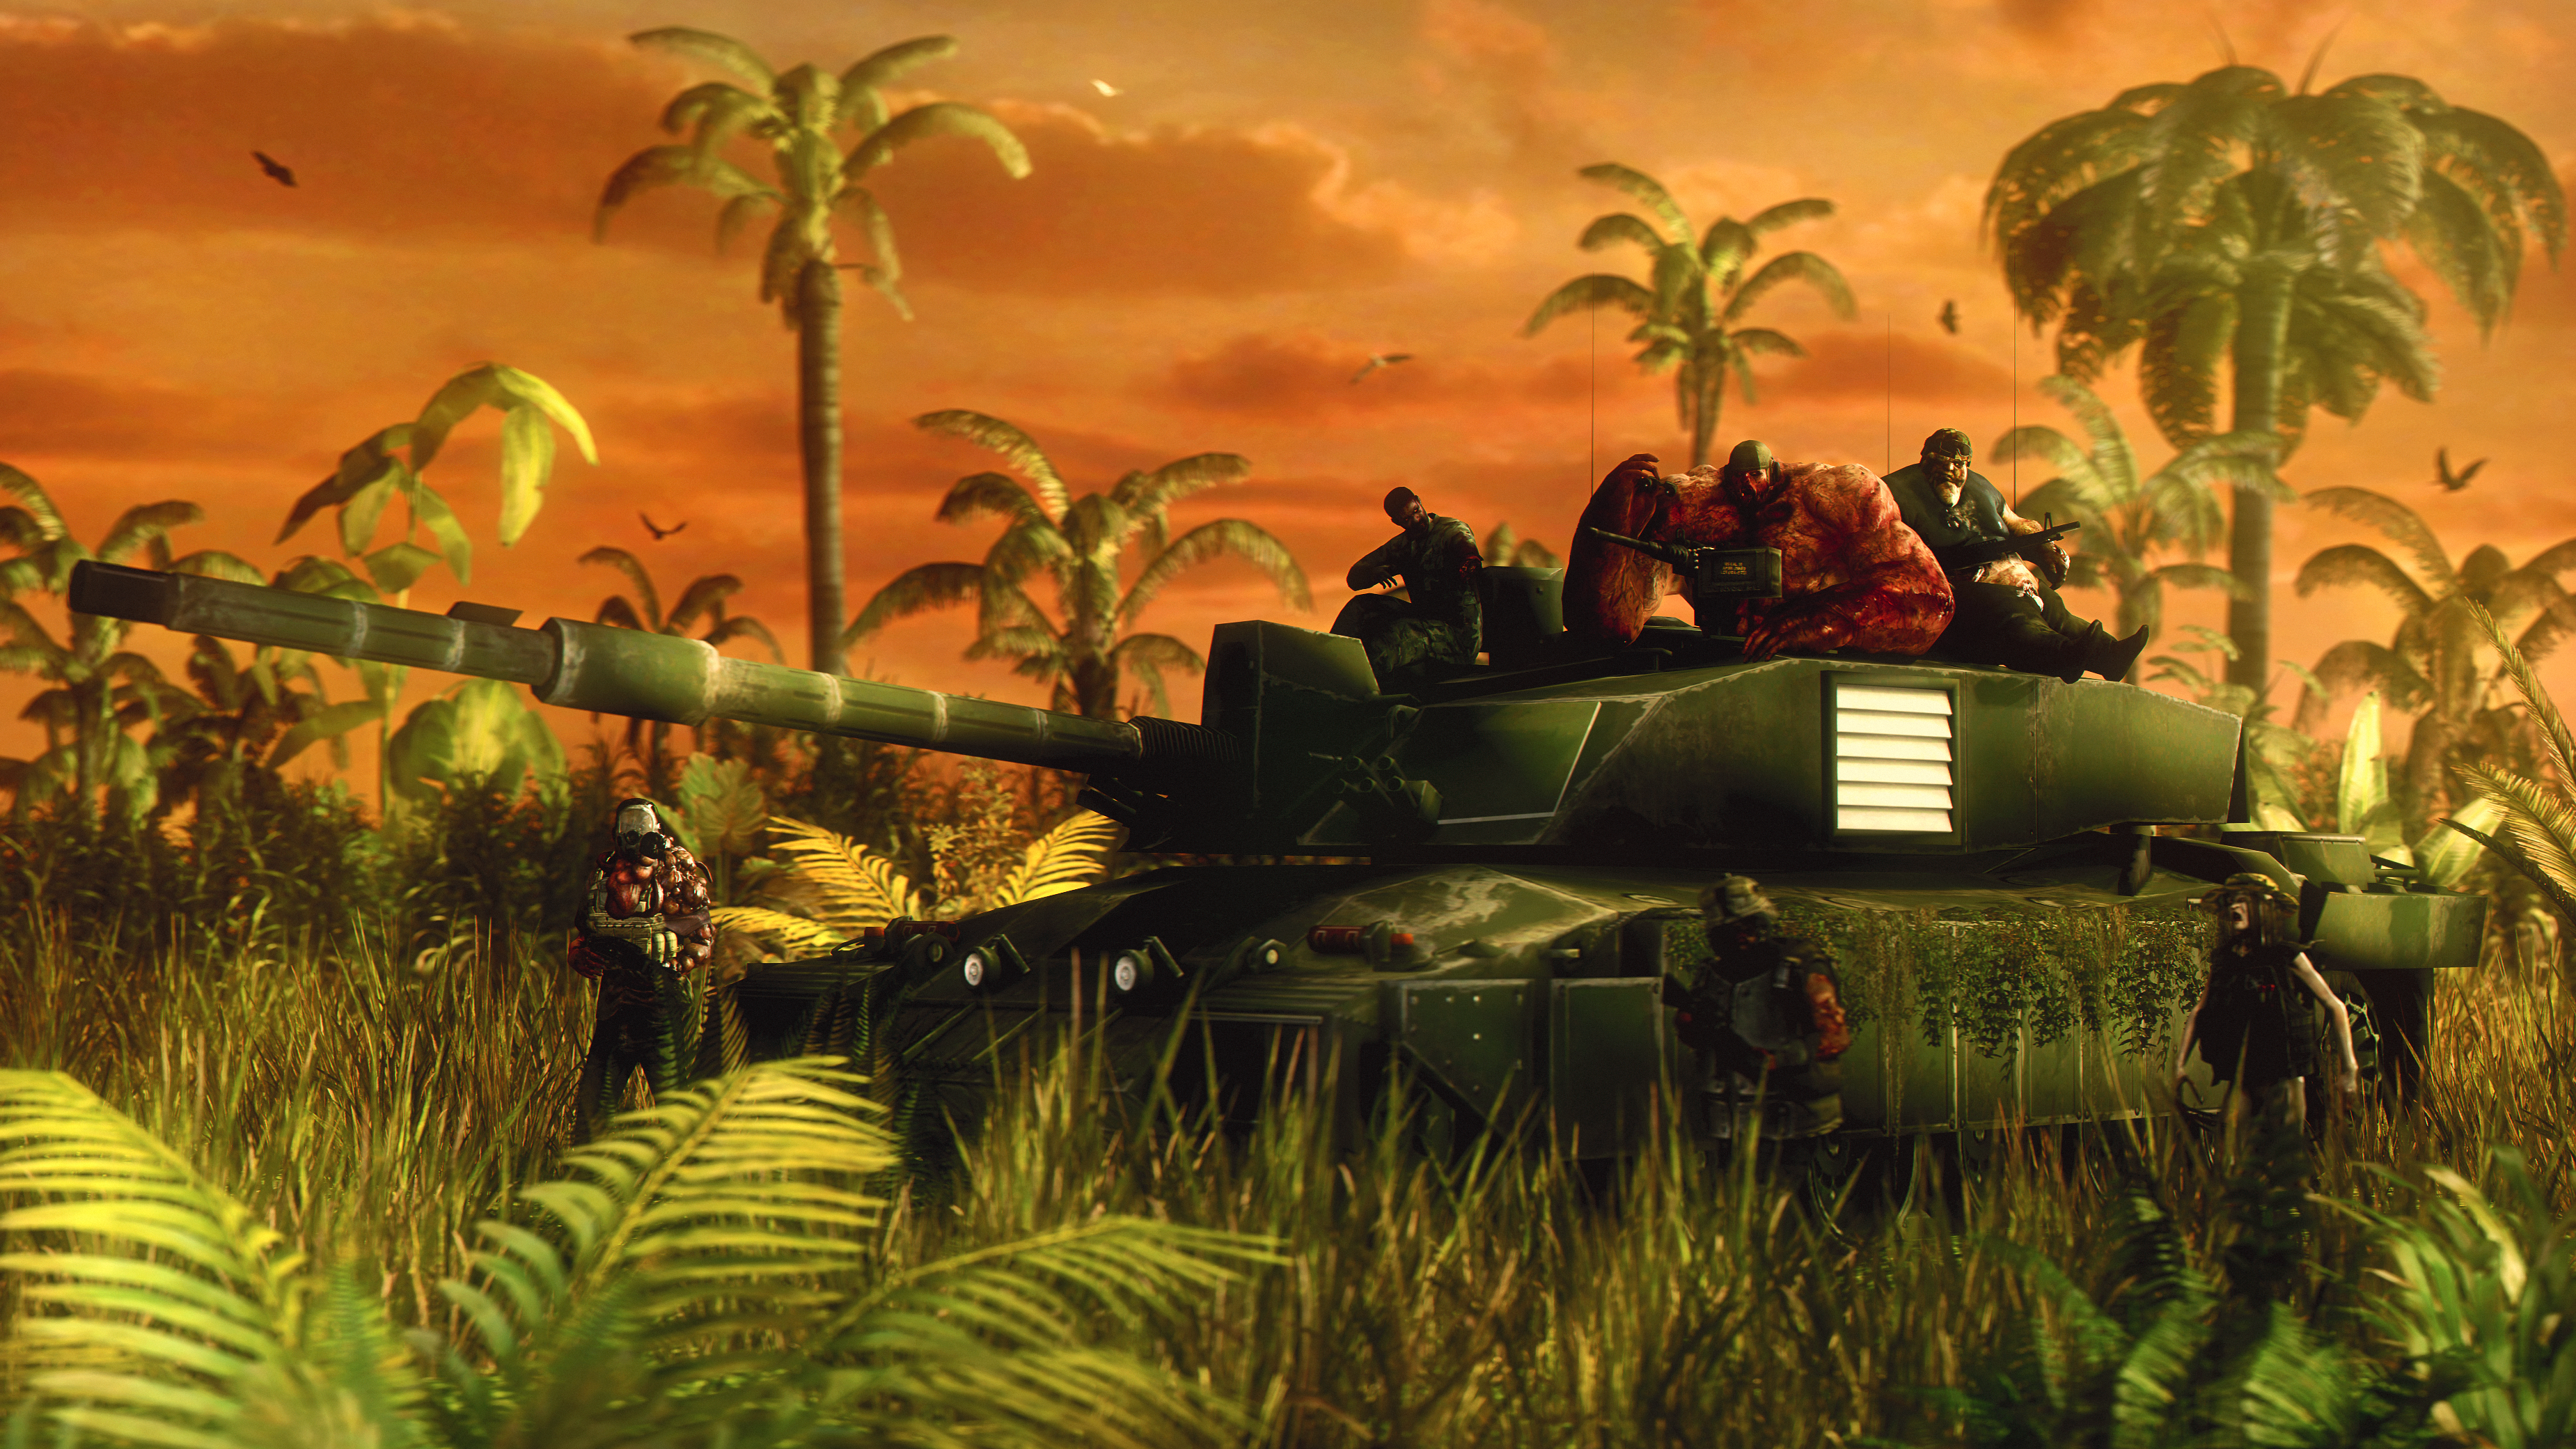 Tank in tank by predatorslow